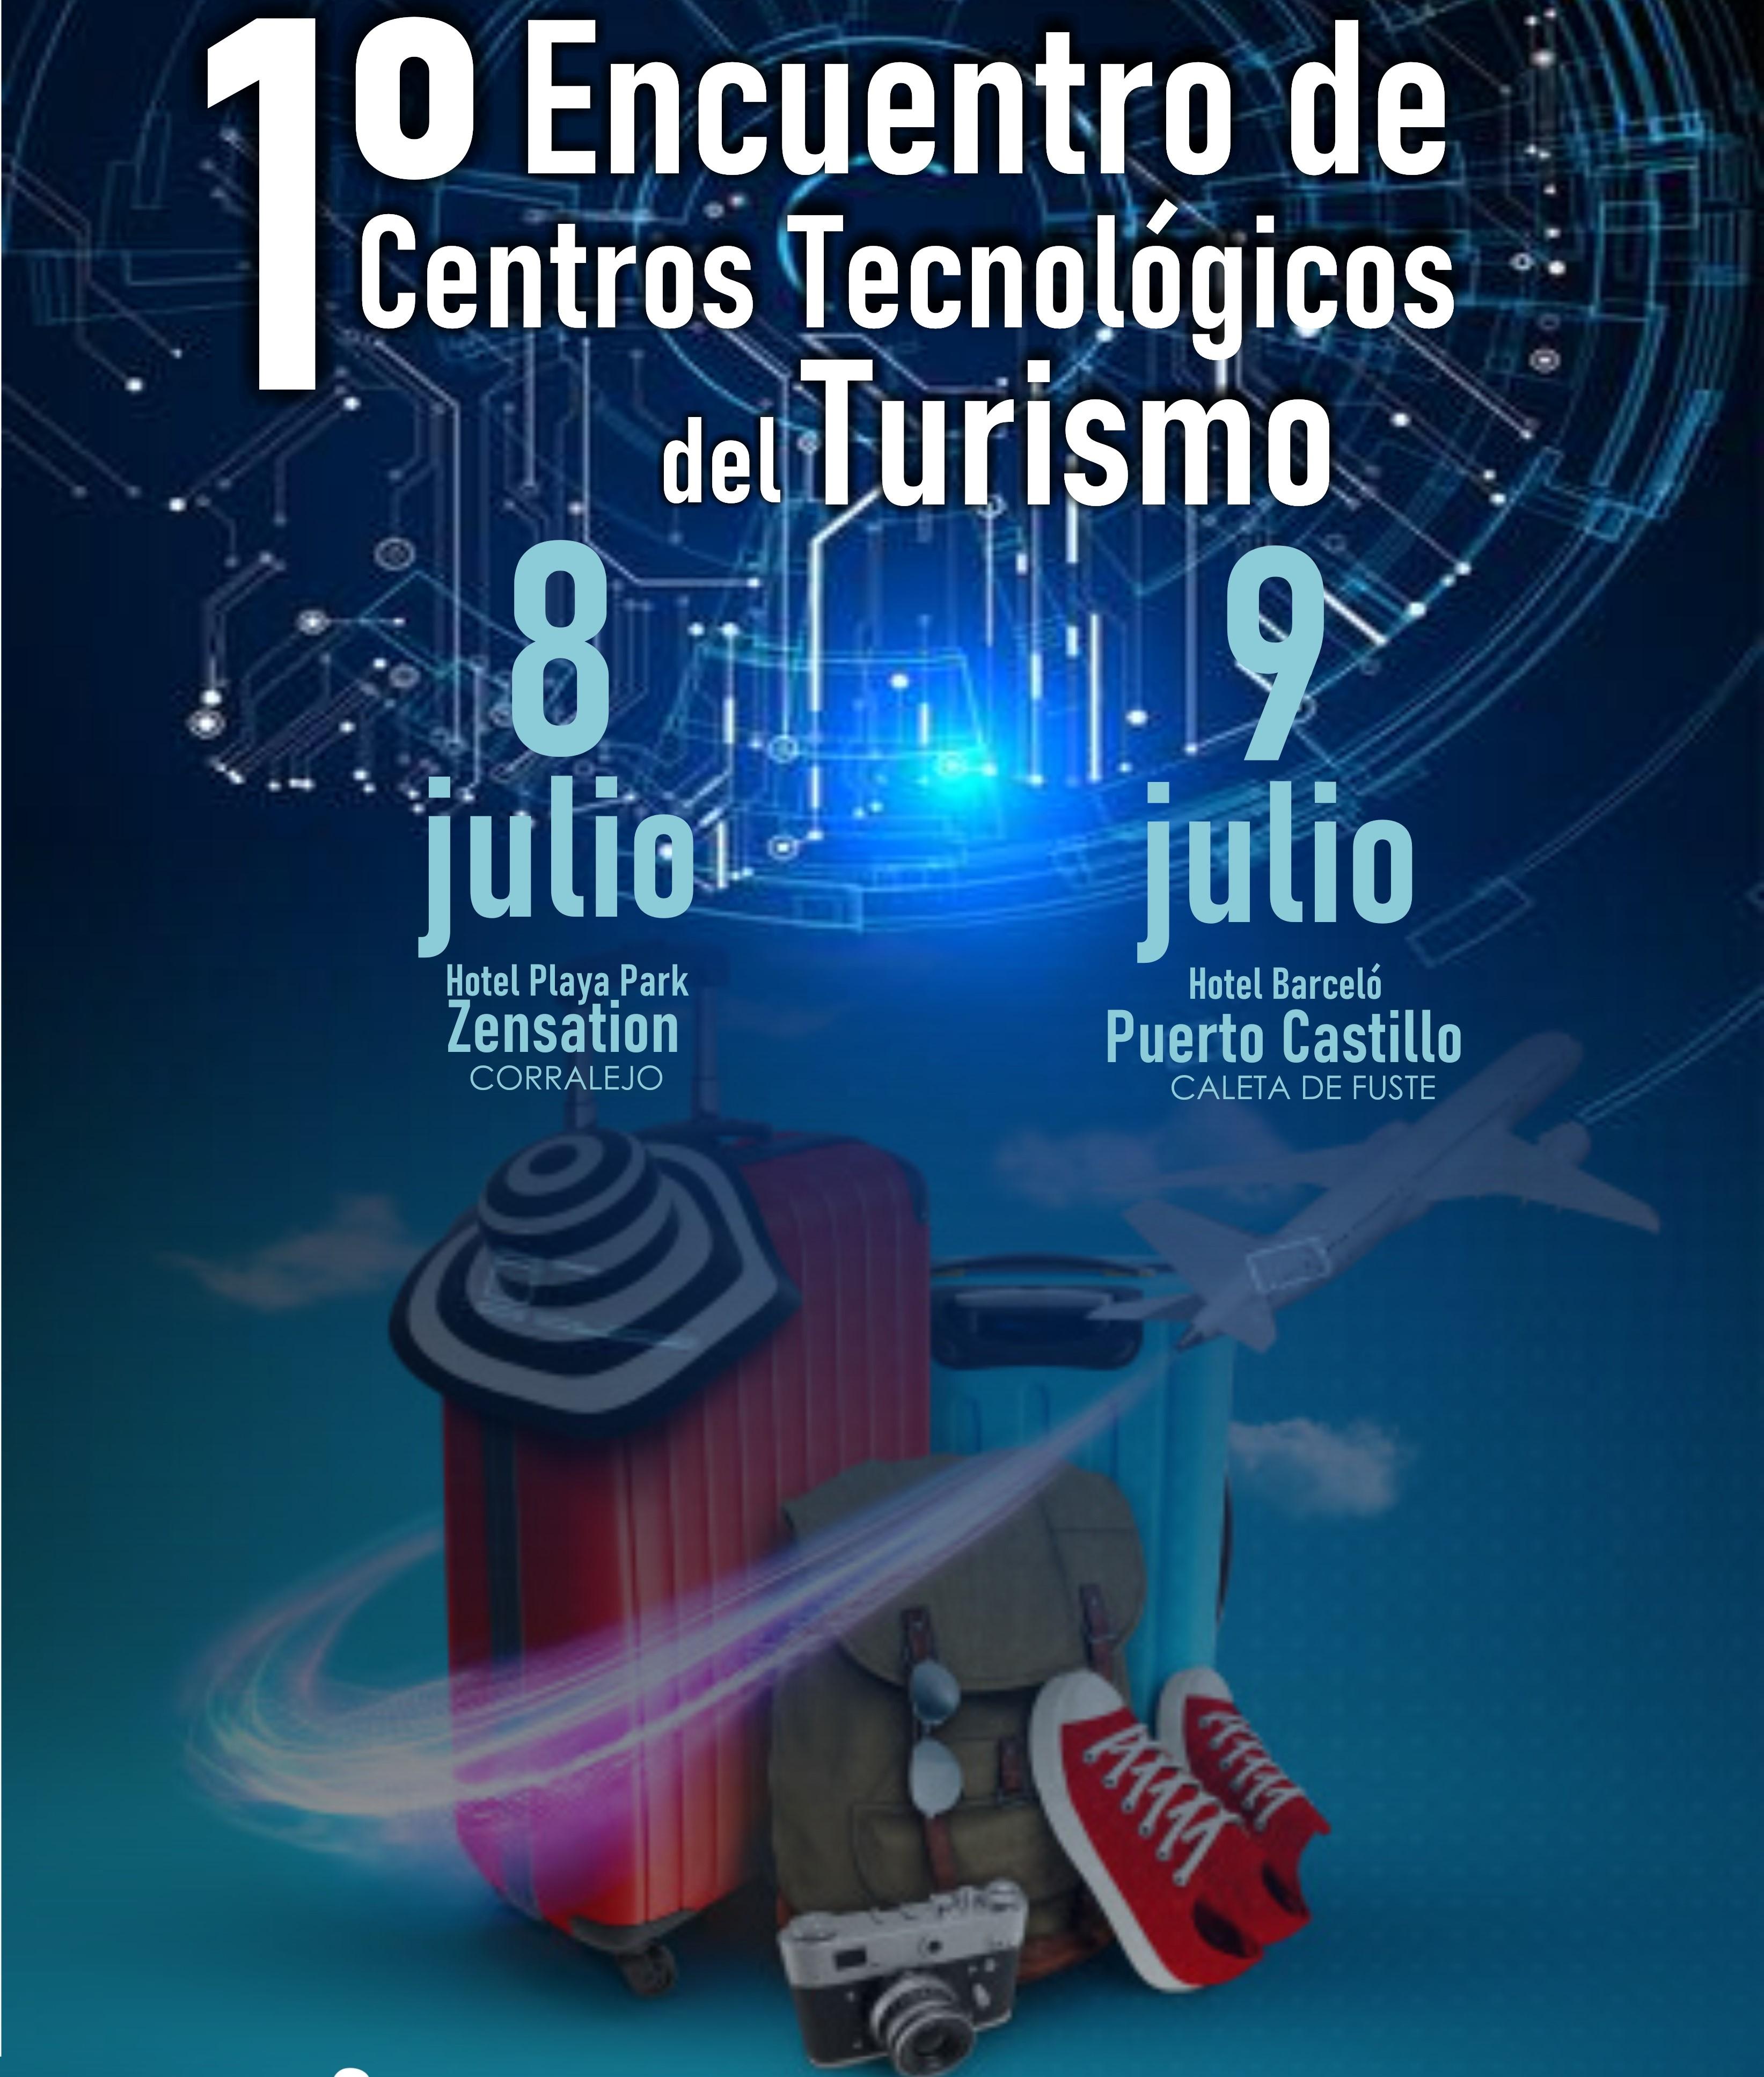 Encuentro de Centros Tecnológicos de Turismo en Fuerteventura / CanariasNoticias.es